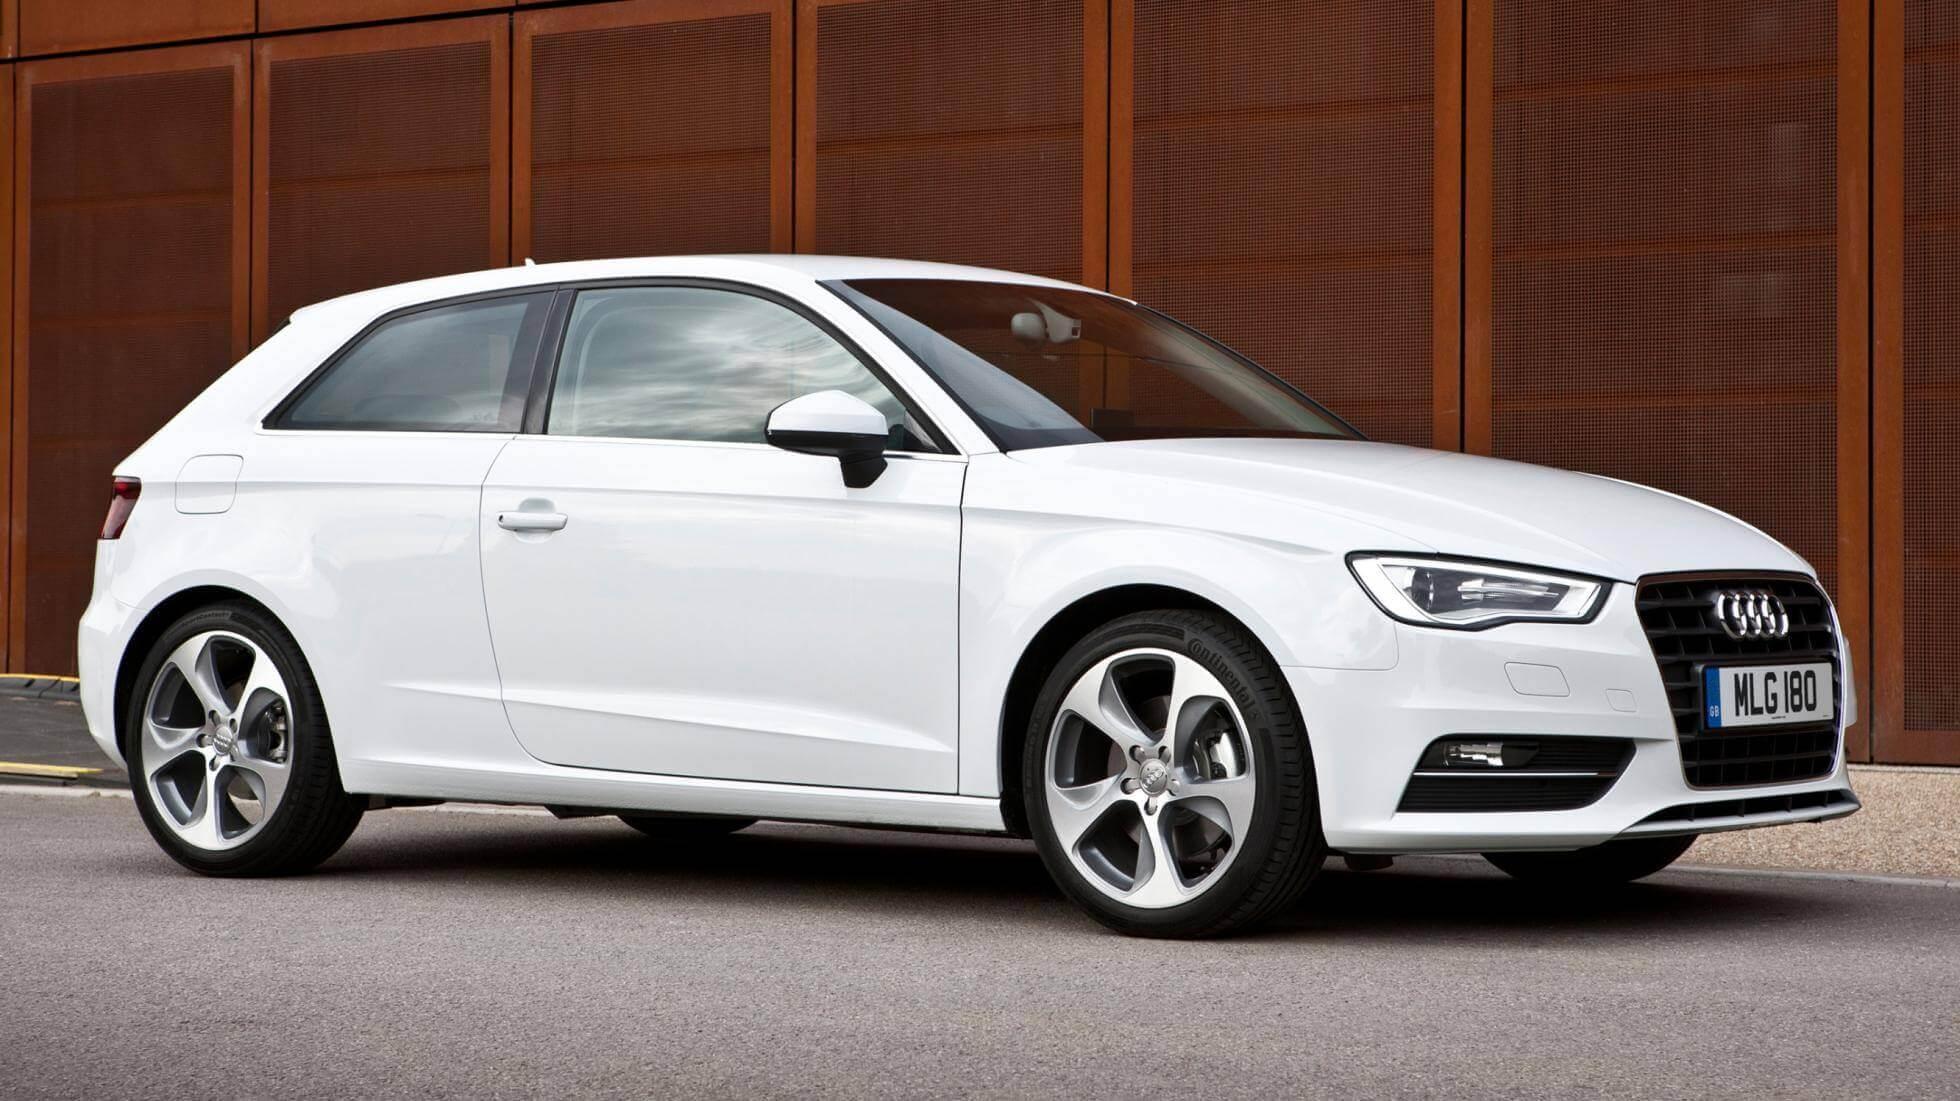 Car Depreciation Calculator >> Audi A3 Car Insurance Price Calculator